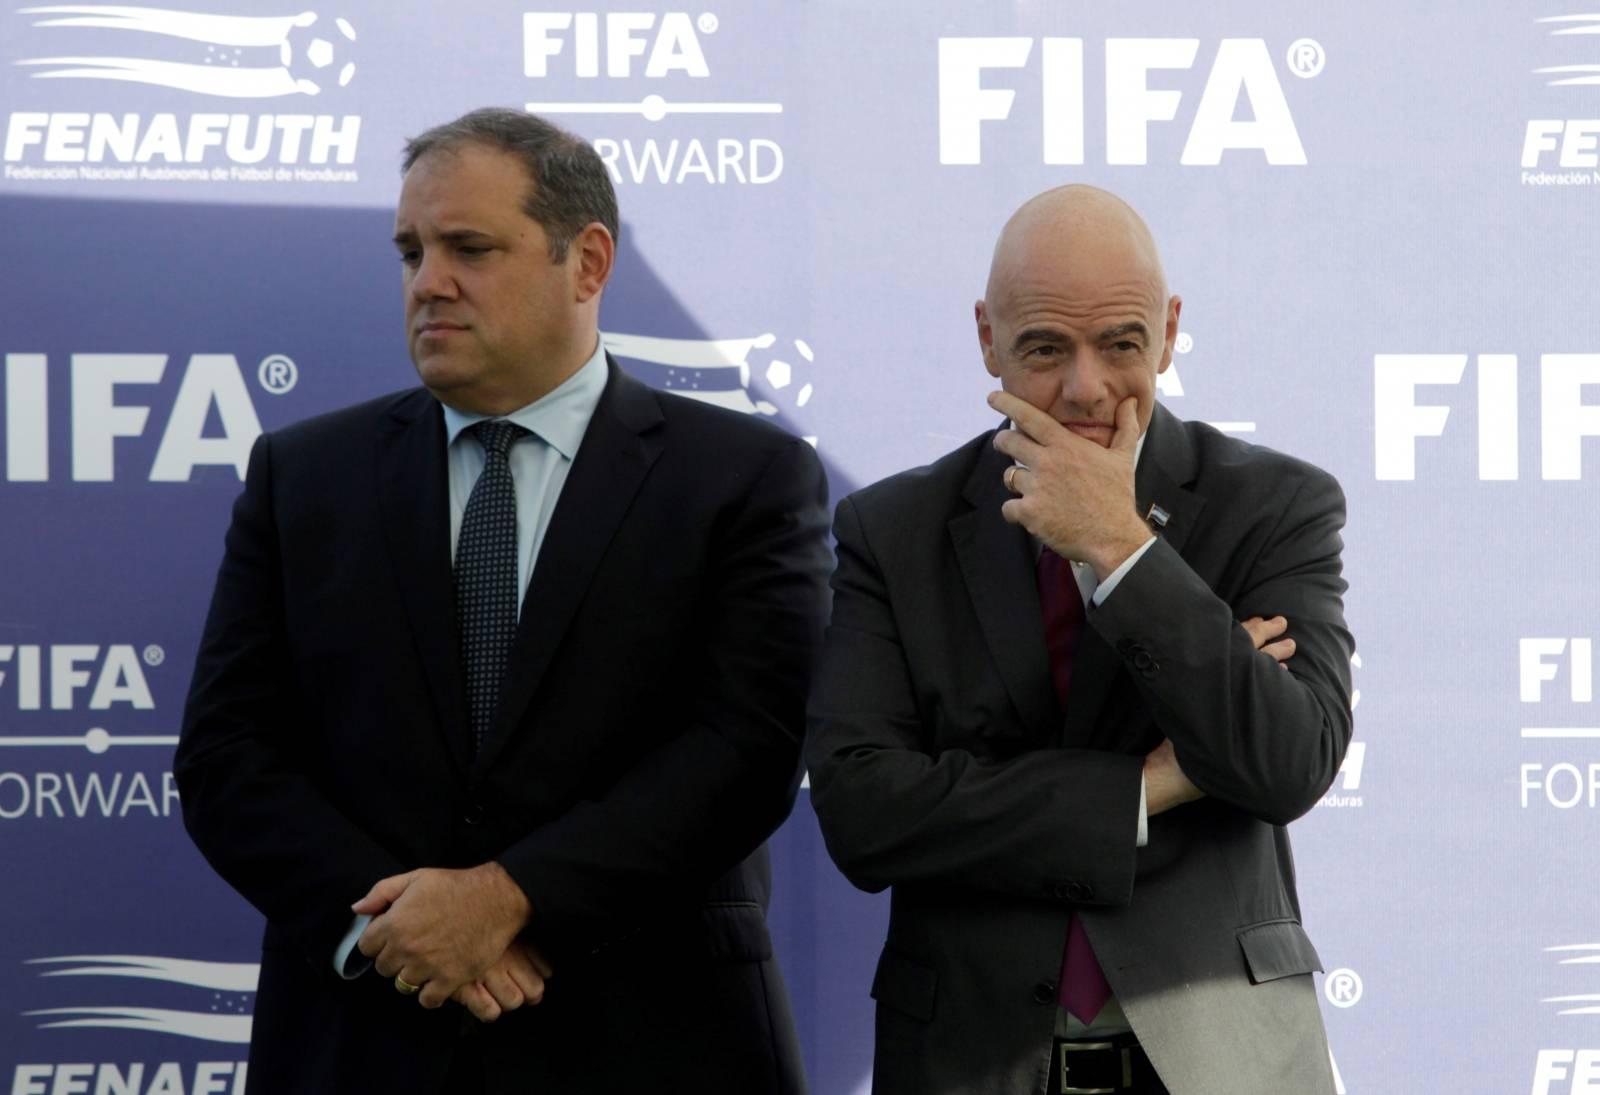 FILE PHOTO: FIFA President Gianni Infantino visits Honduras